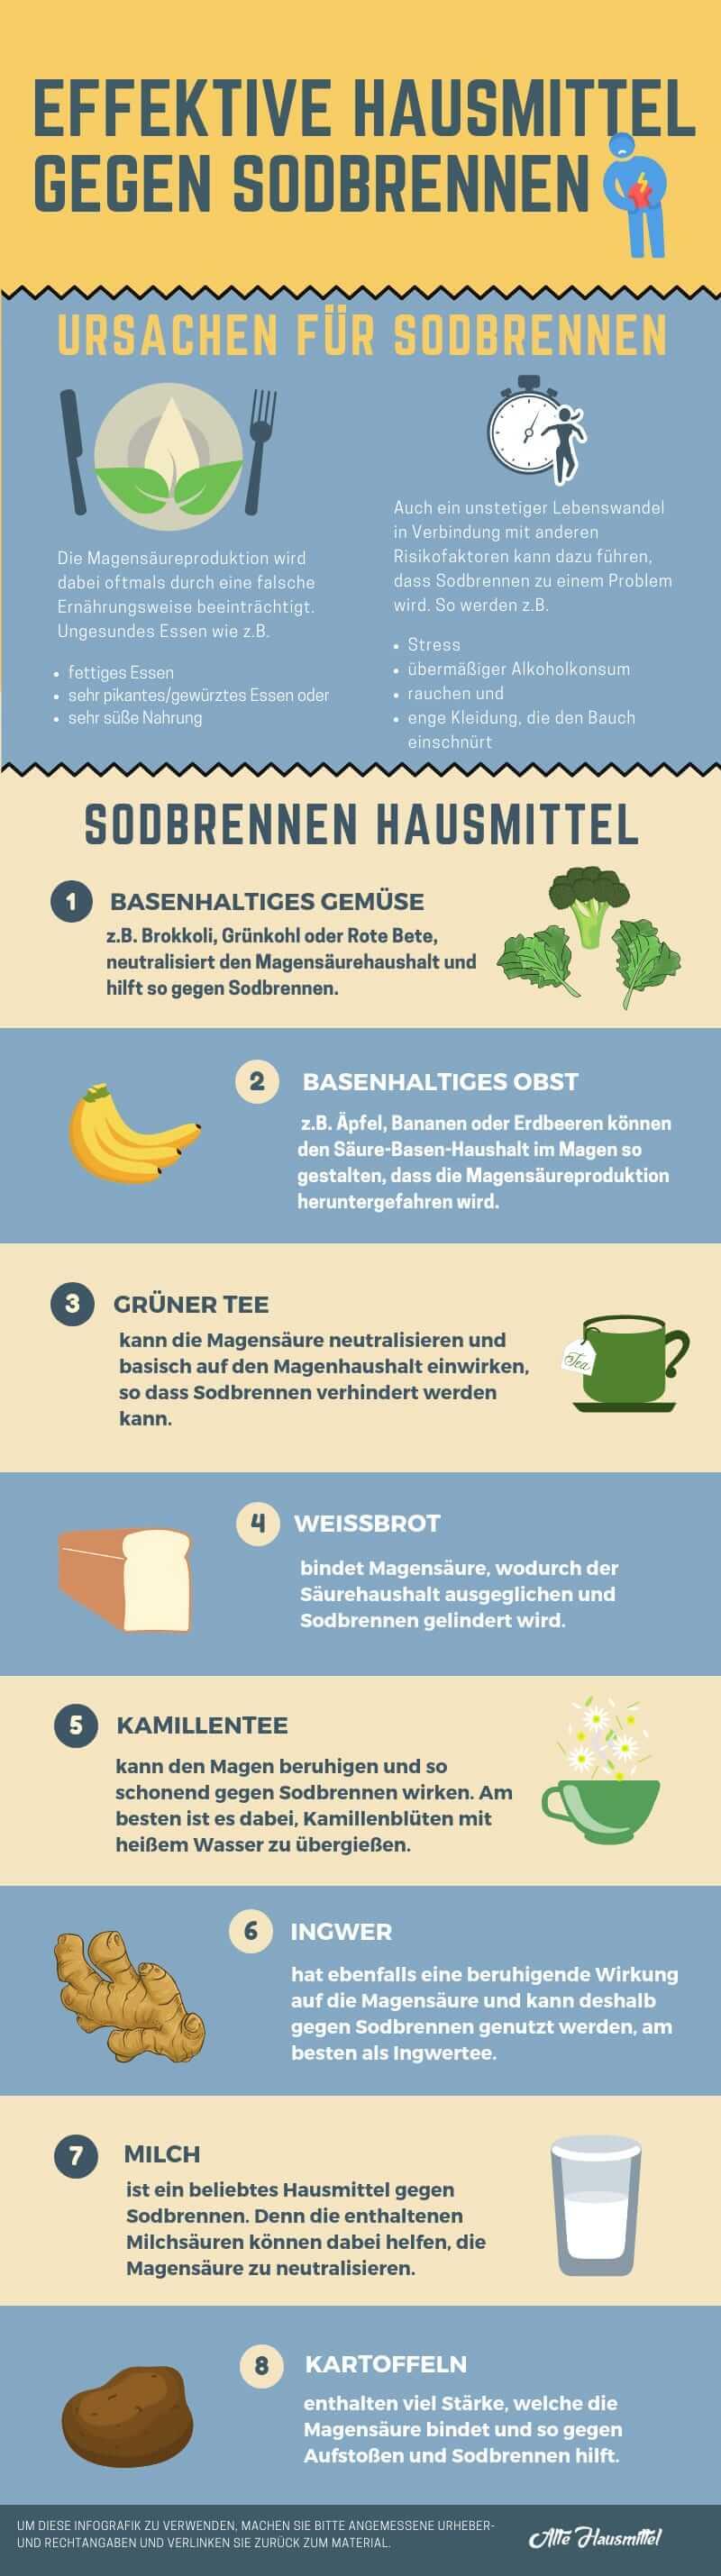 Sodbrennen Hausmittel Infografik